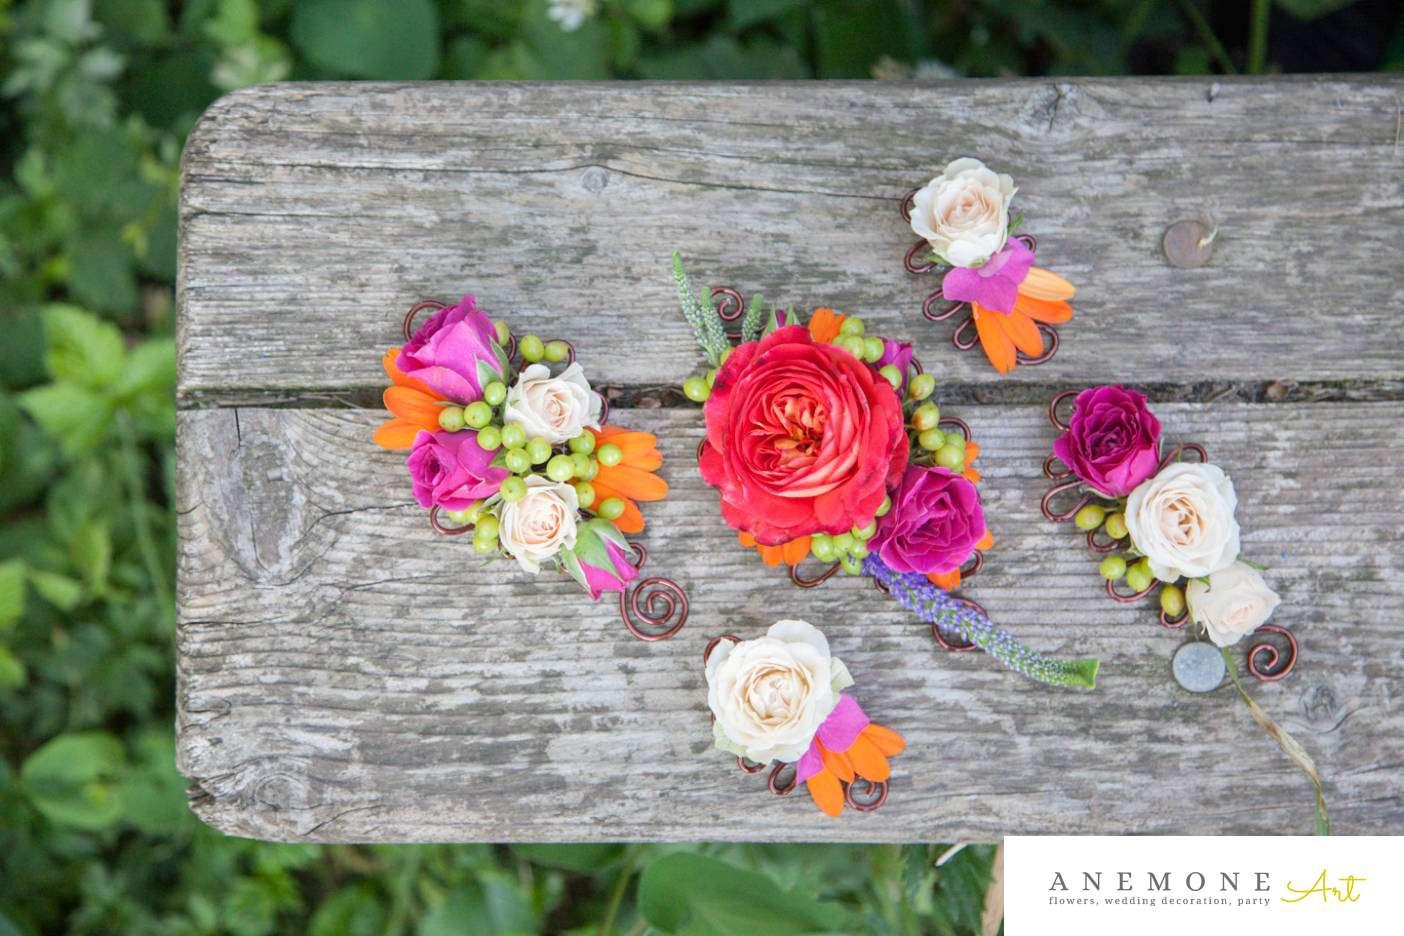 Poza, foto cu Flori de nunta butoniera, cocarda, mini-rosa, mire, mov in Arad, Timisoara, Oradea (wedding flowers, bouquets) nunta Arad, Timisoara, Oradea